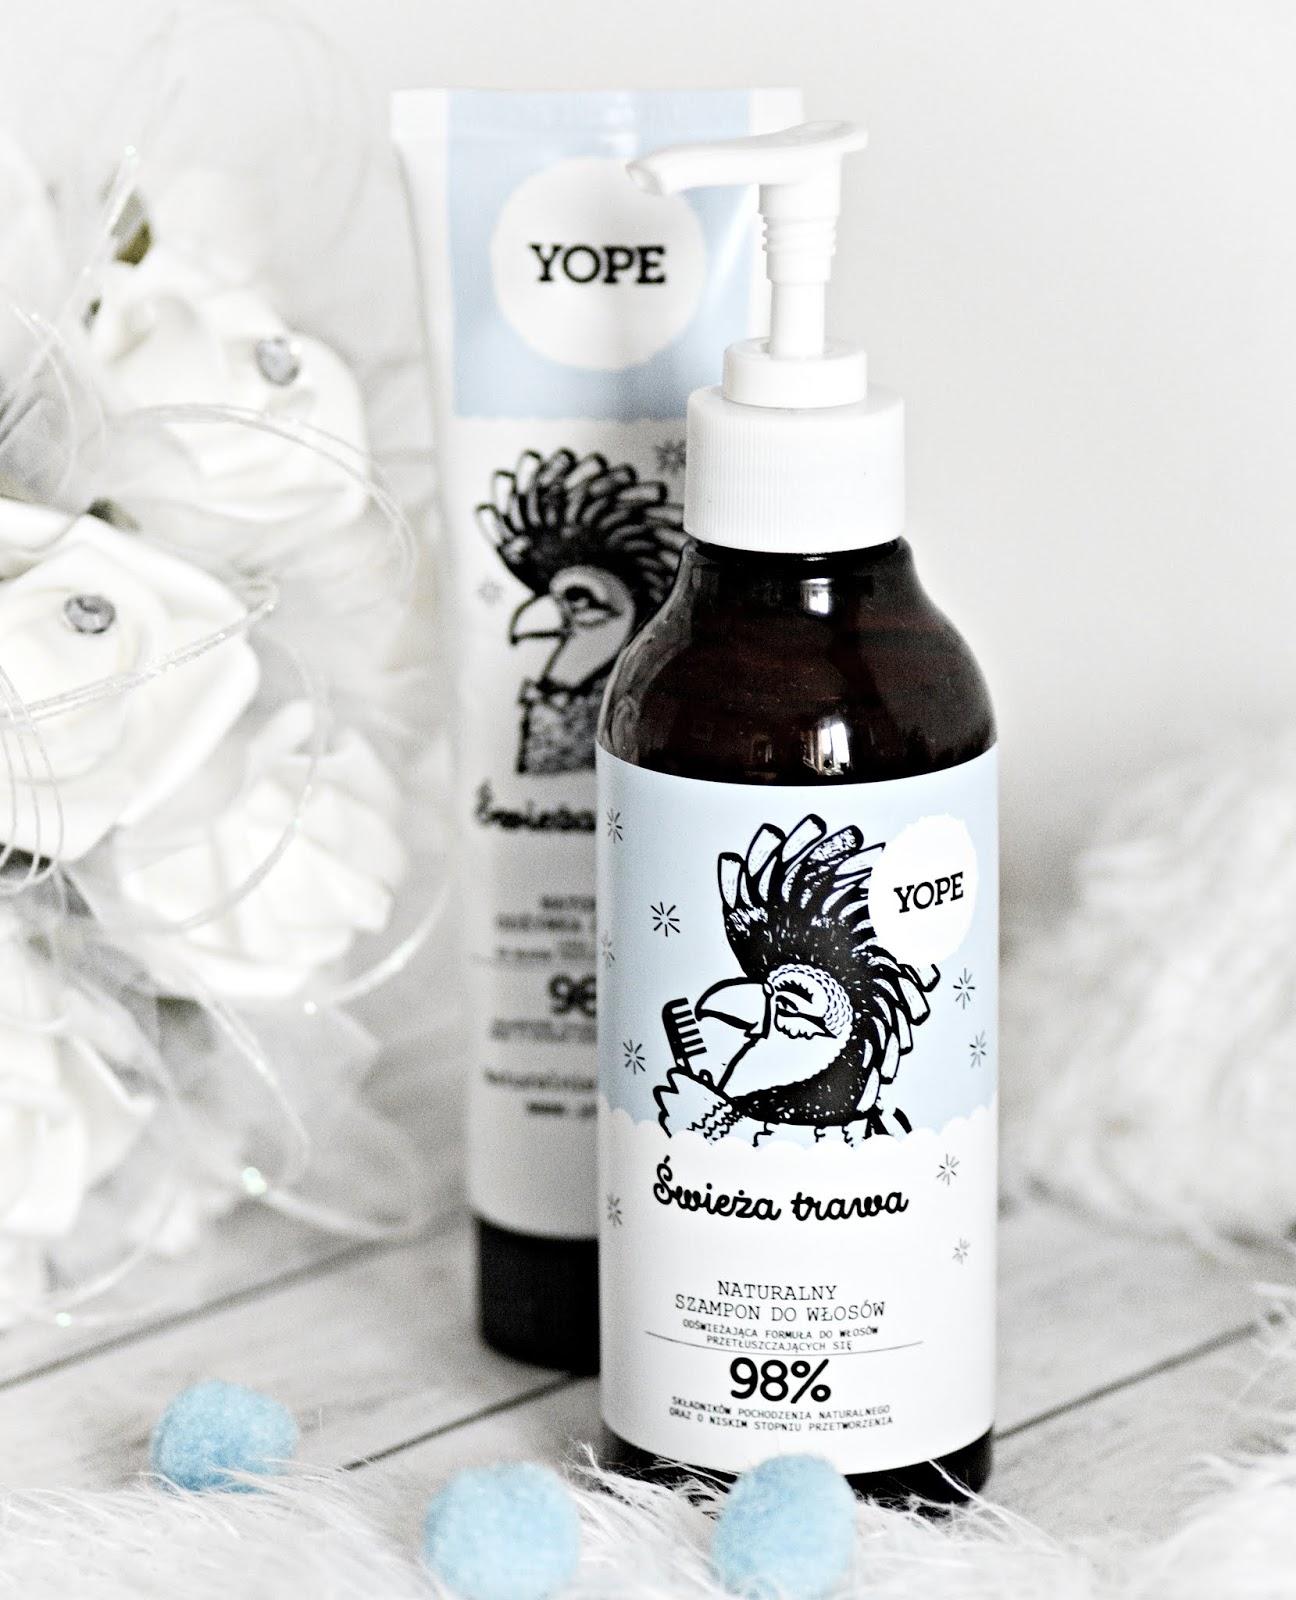 nowości do włosów yope świeża trawa